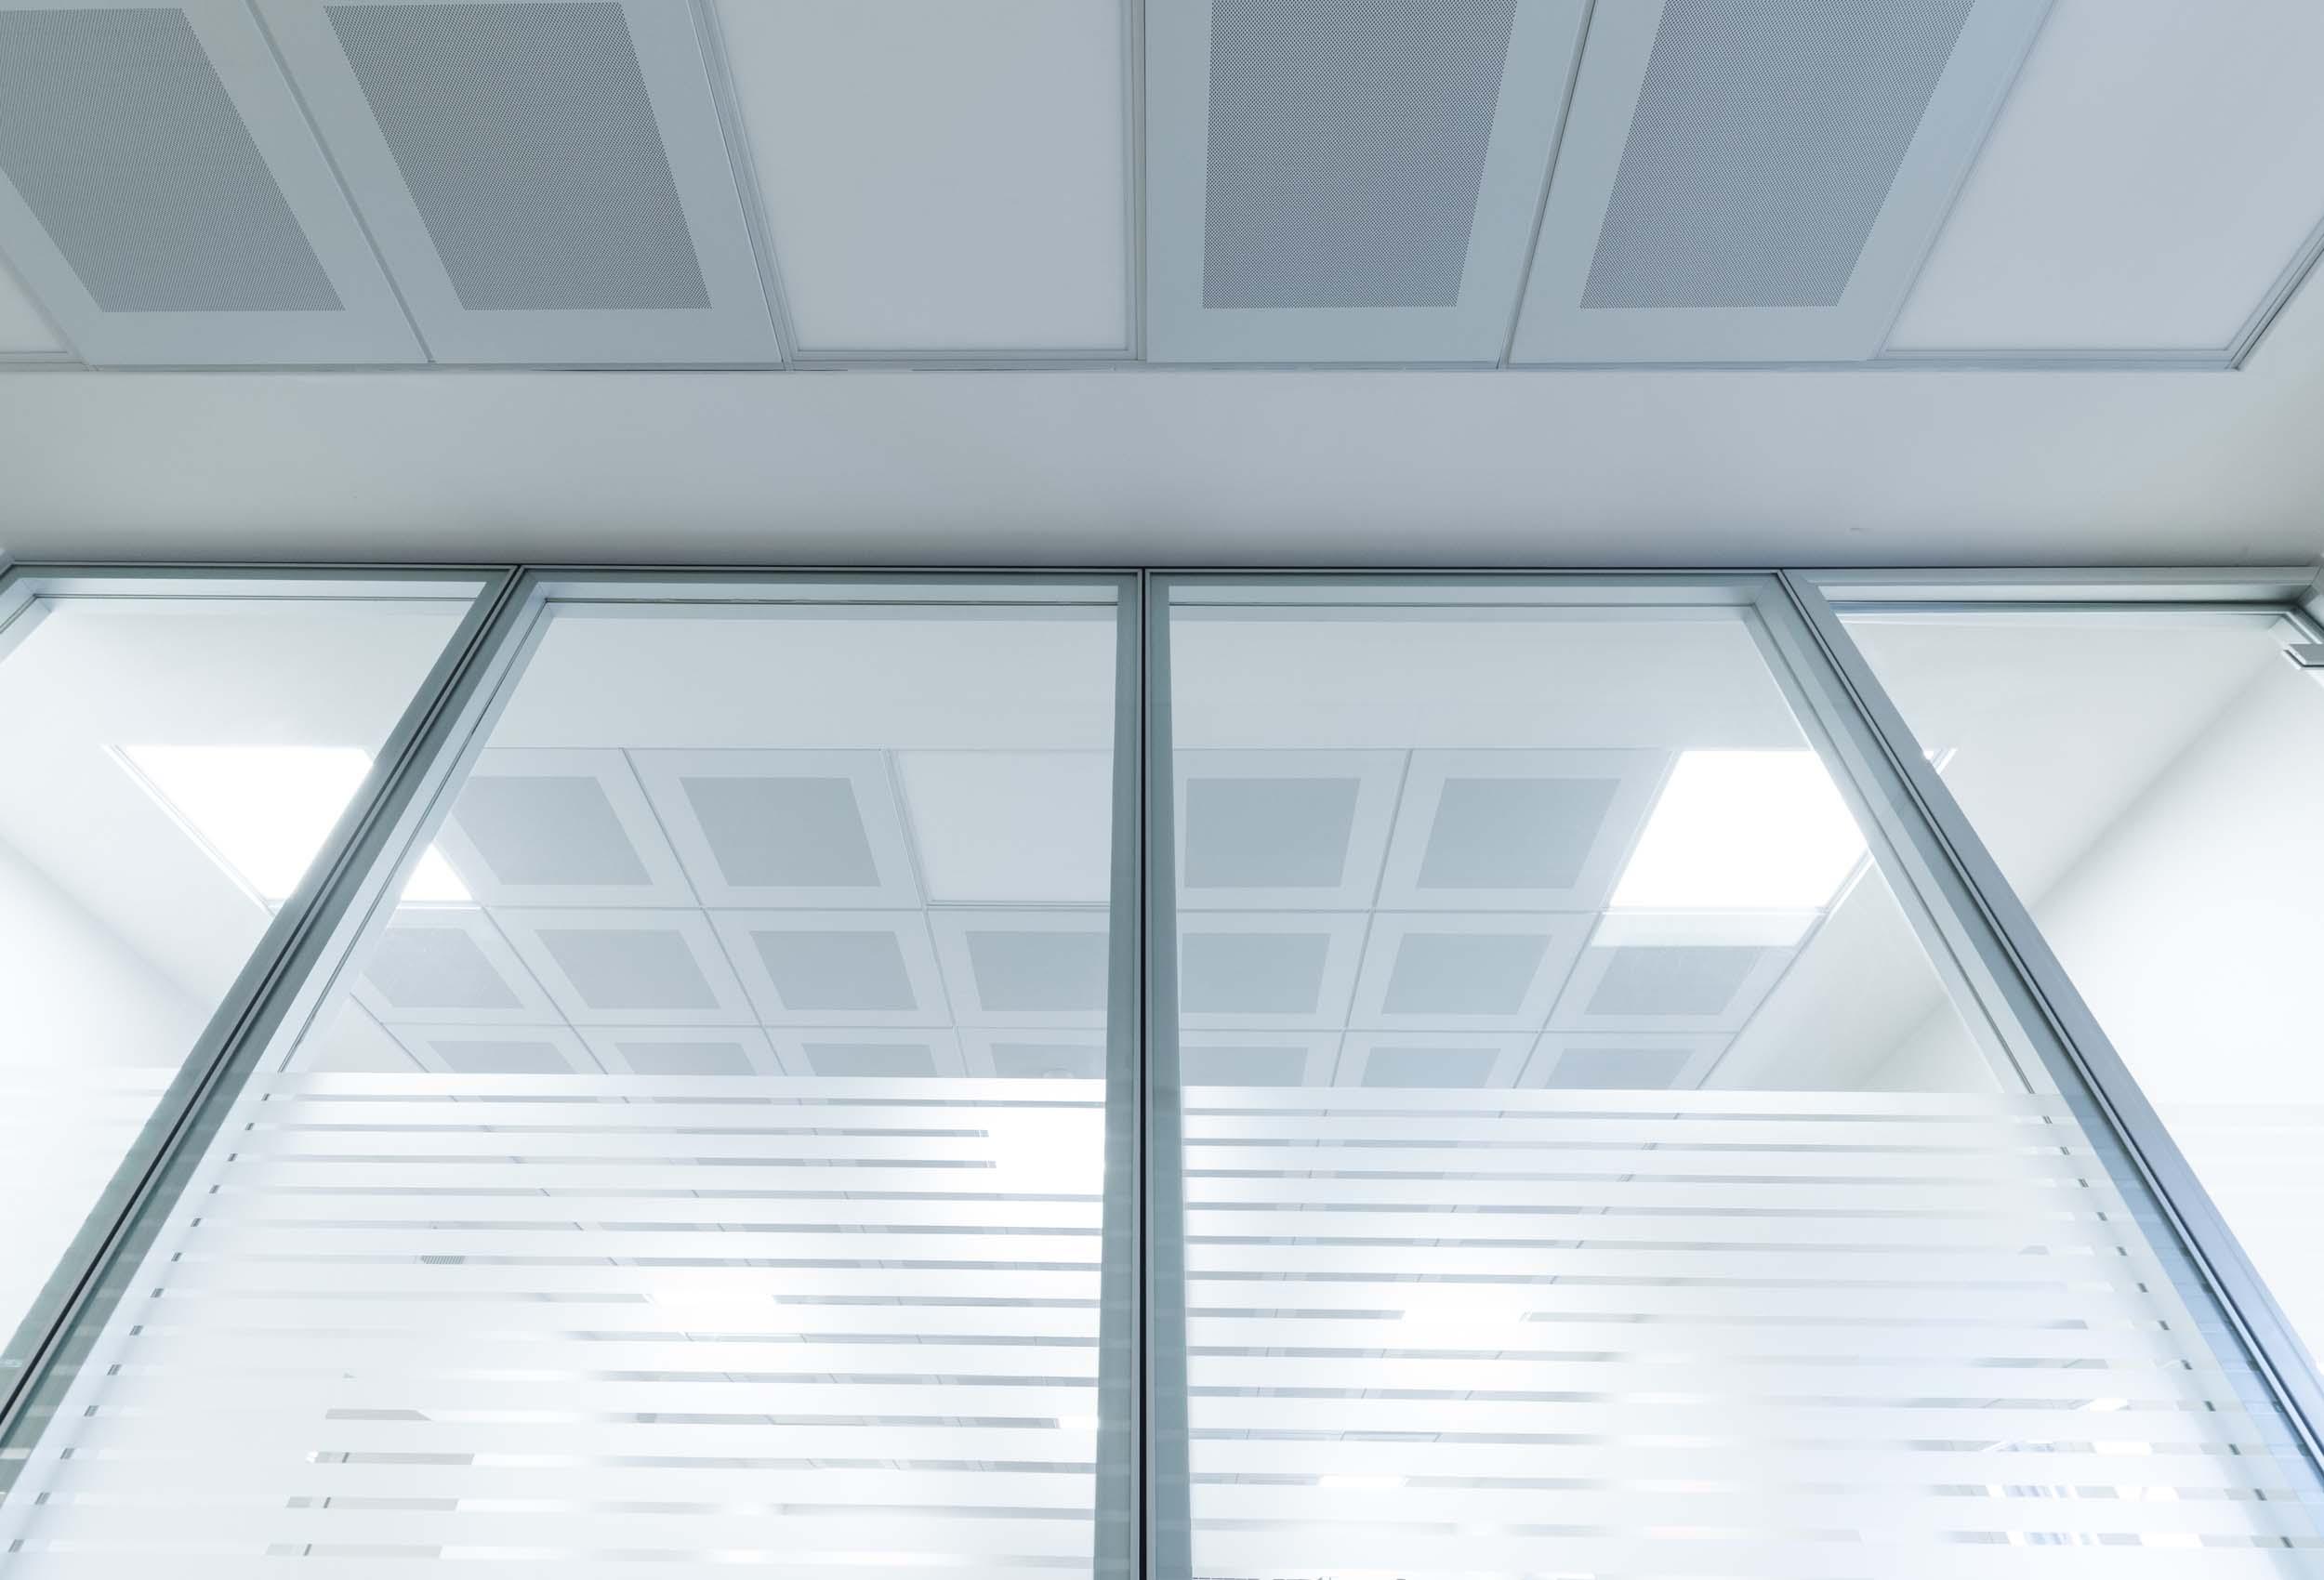 fad-studio-architettura-roma-semplicita-fiscale-3